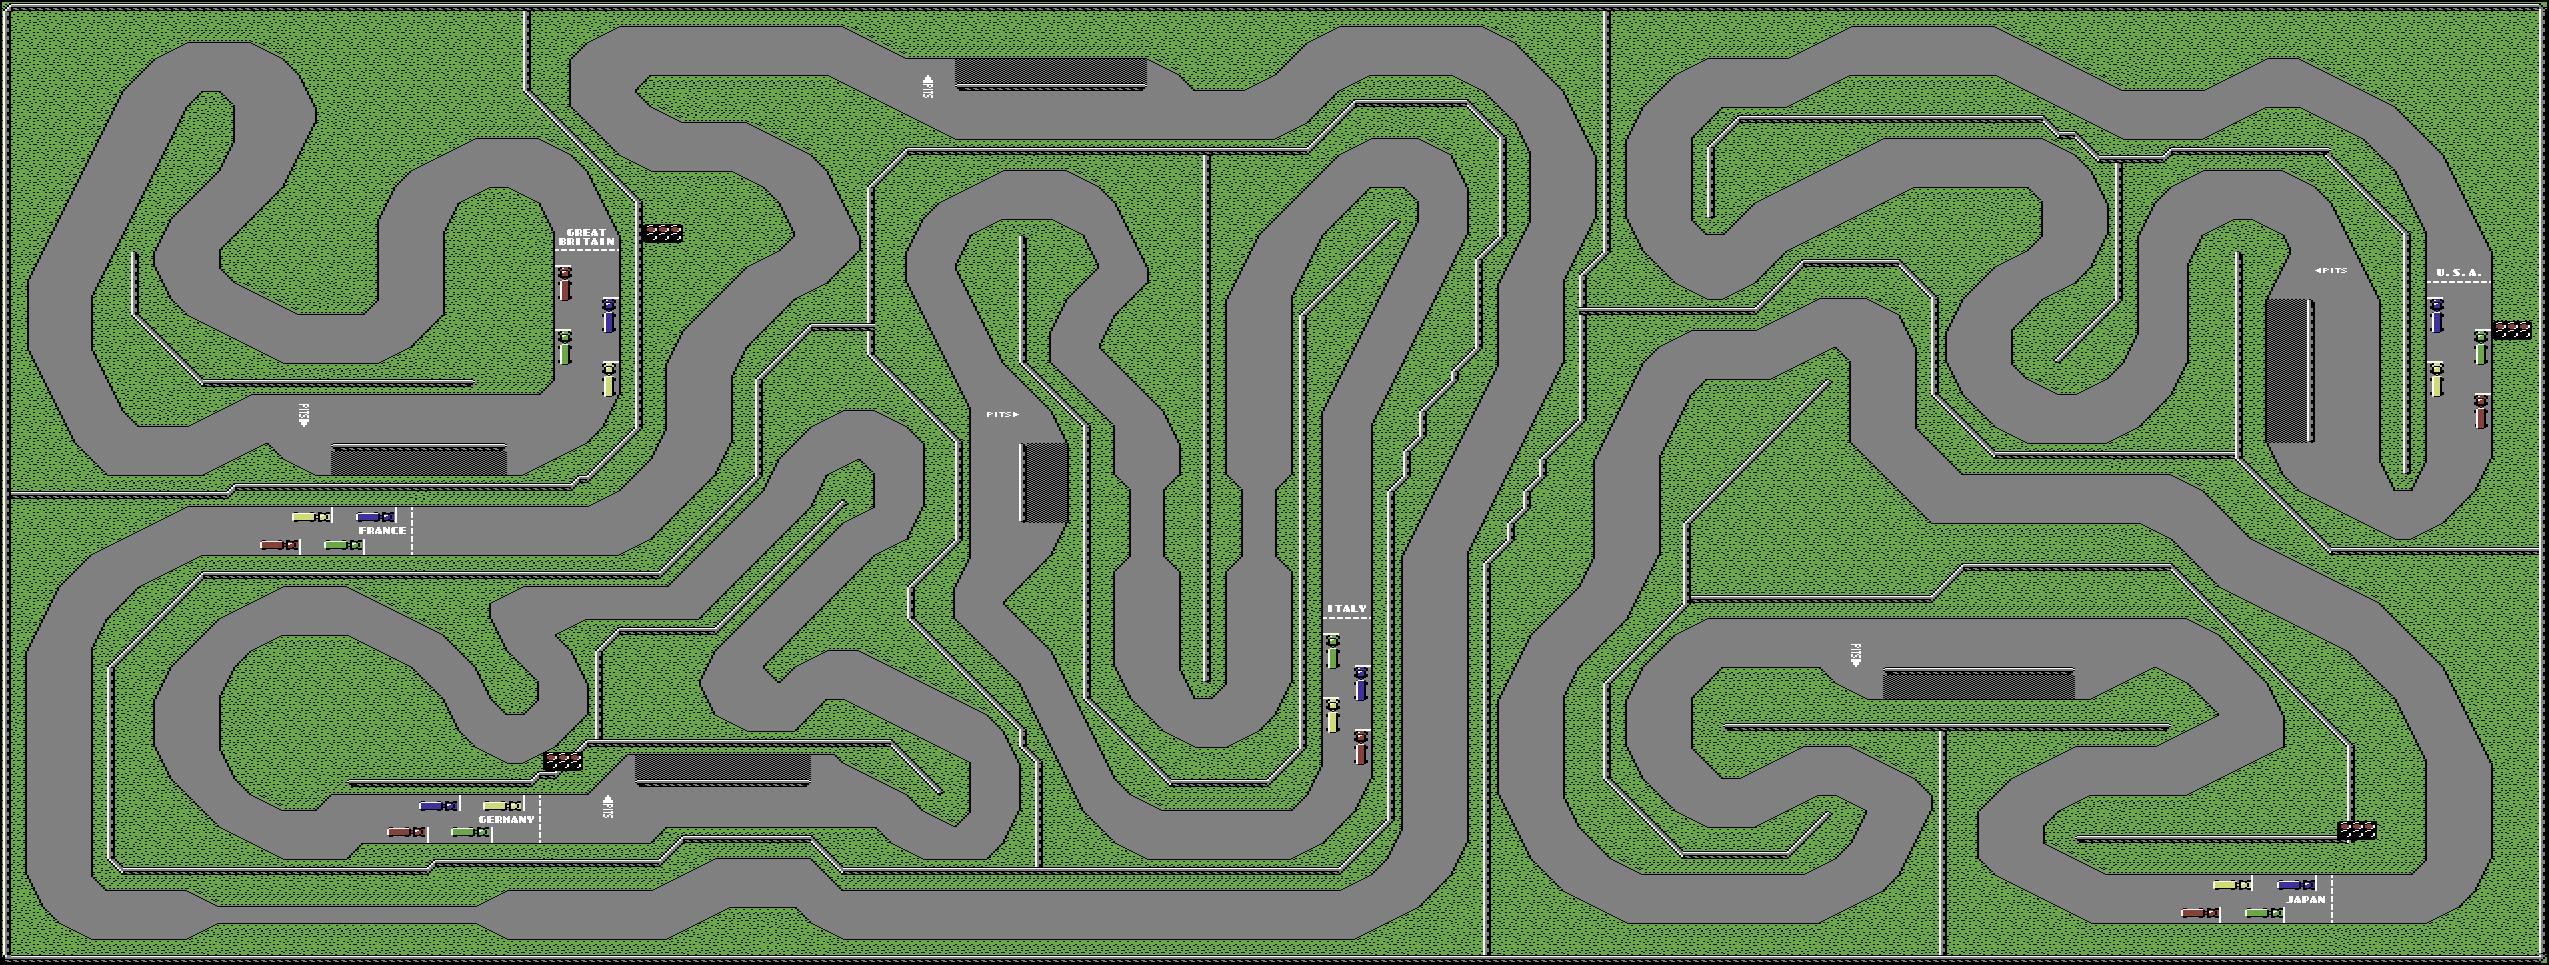 Rac Car Games